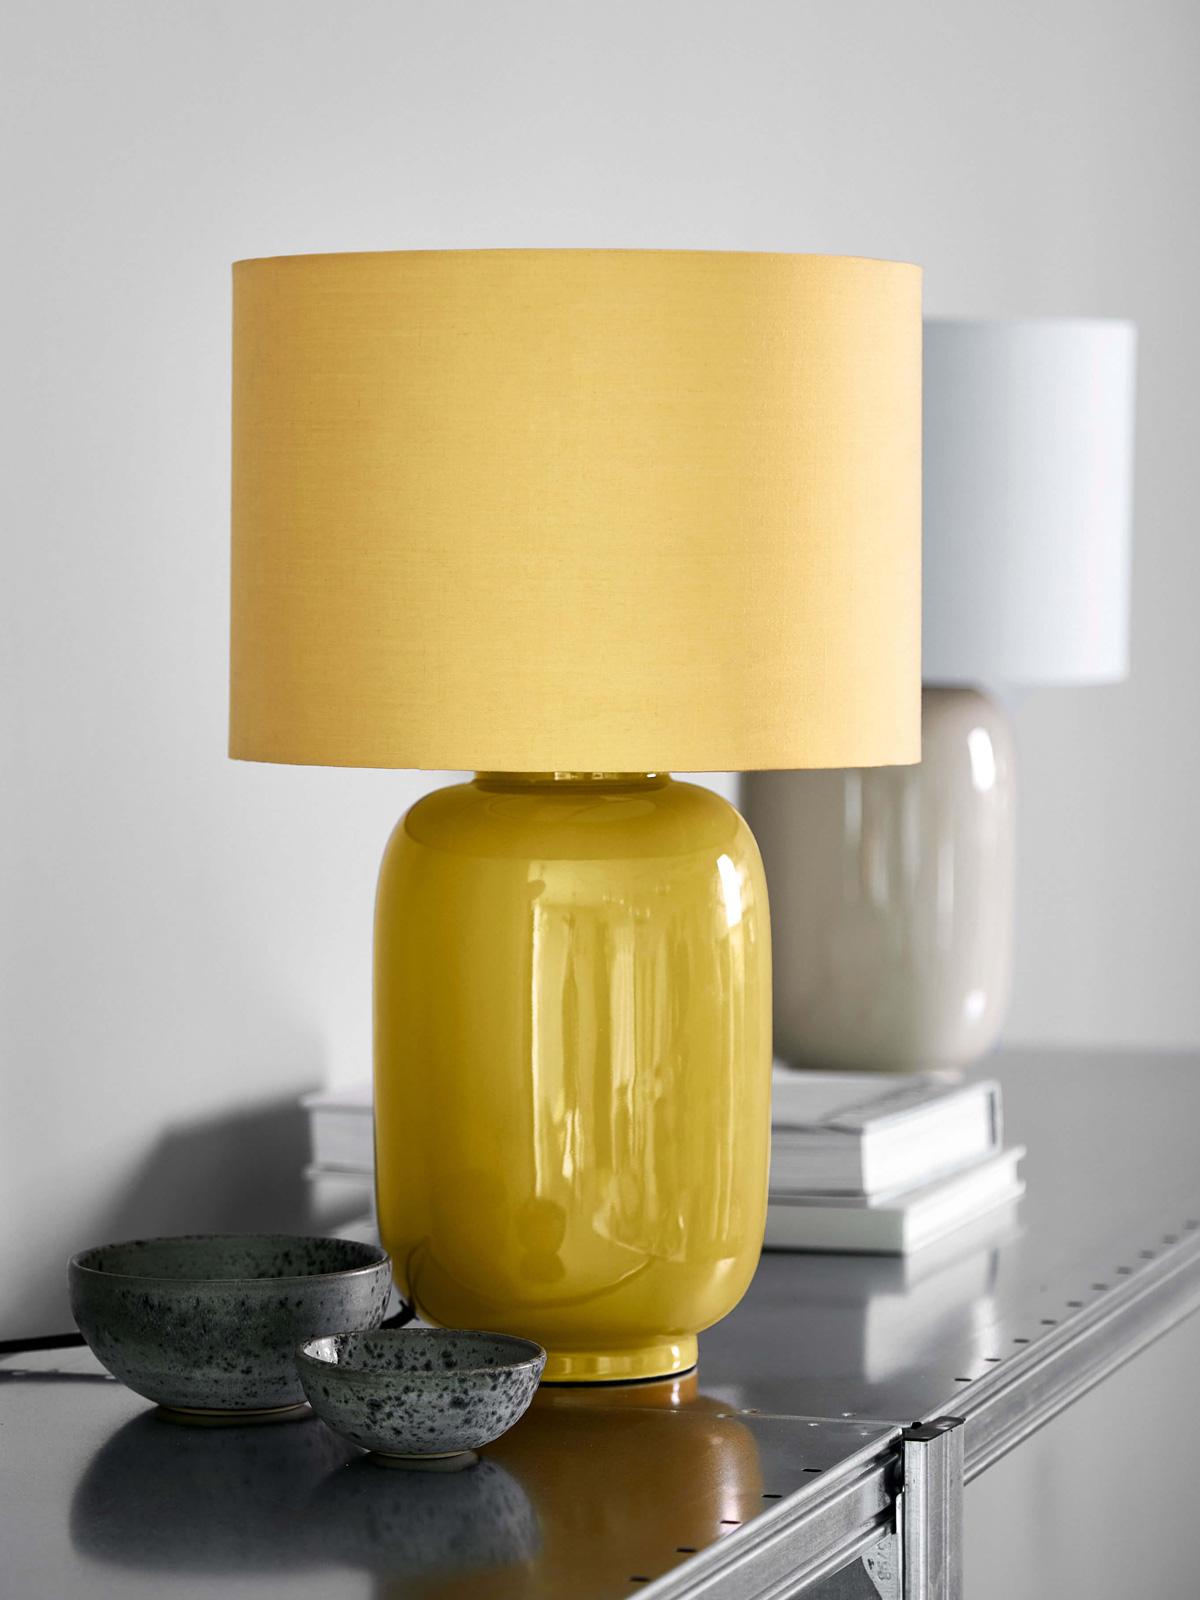 Cadiz Tischlampe Frandsen Textilschirm DesignOrt Onlineshop Lampen Berlin